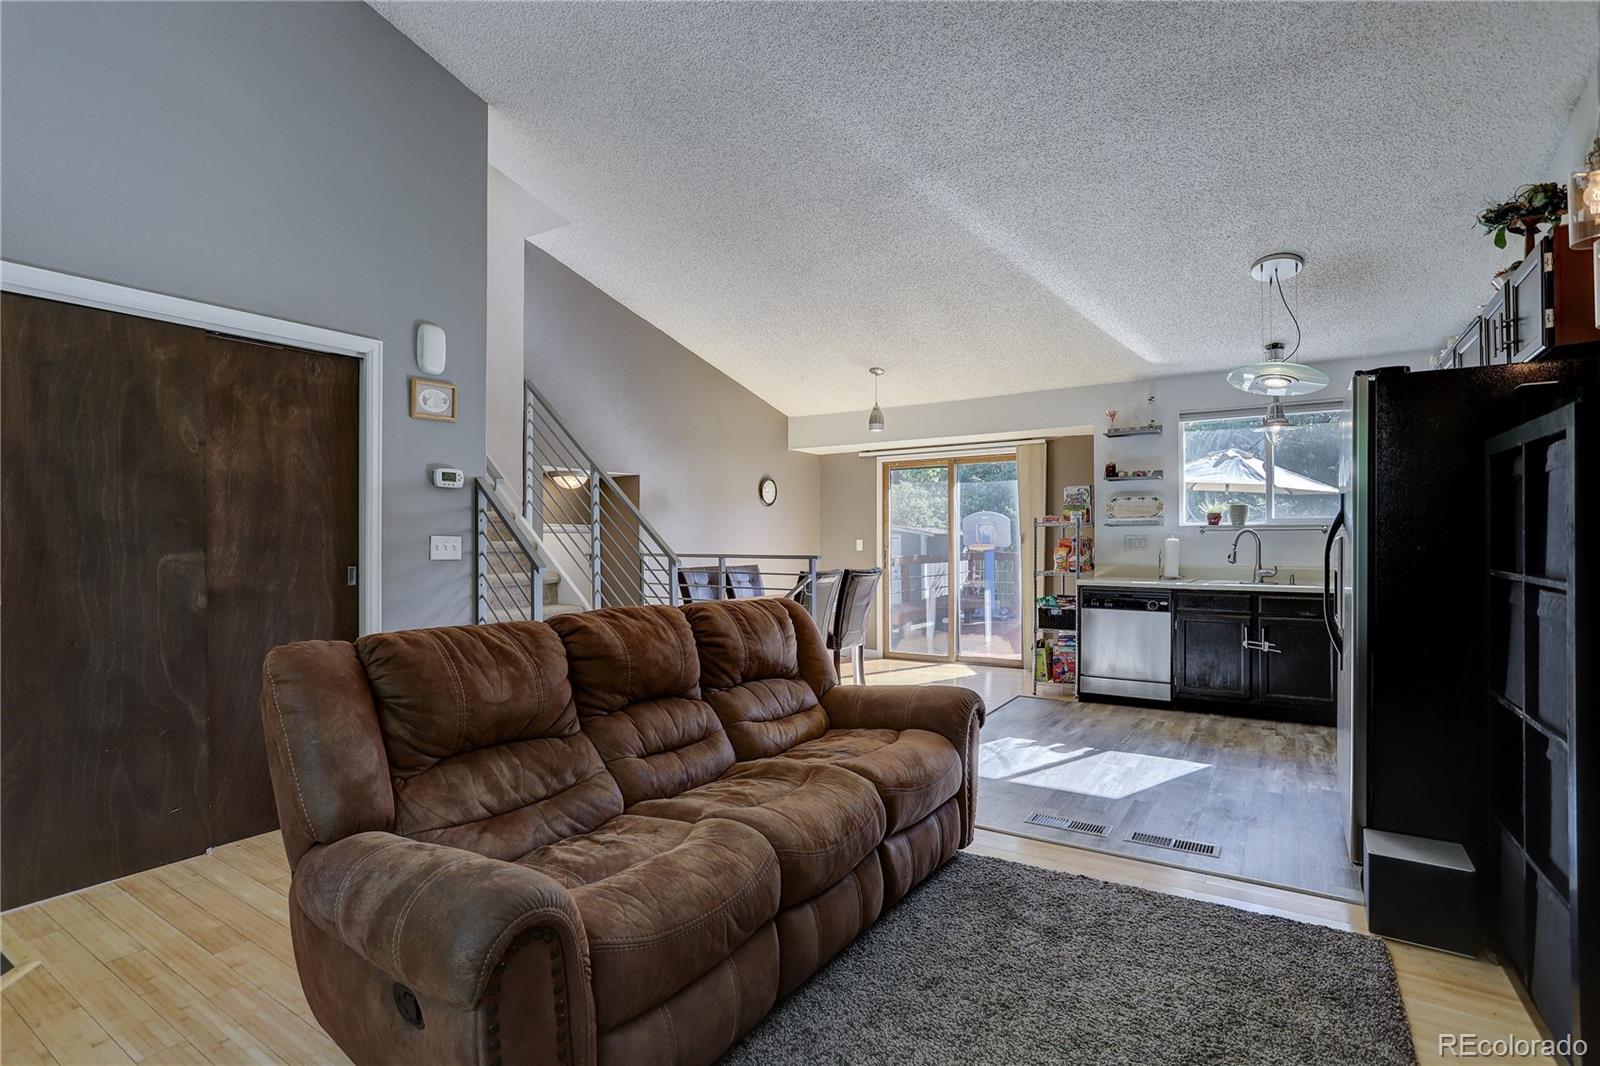 MLS# 2898373 - 10 - 152 S Pembrook Street, Castle Rock, CO 80104